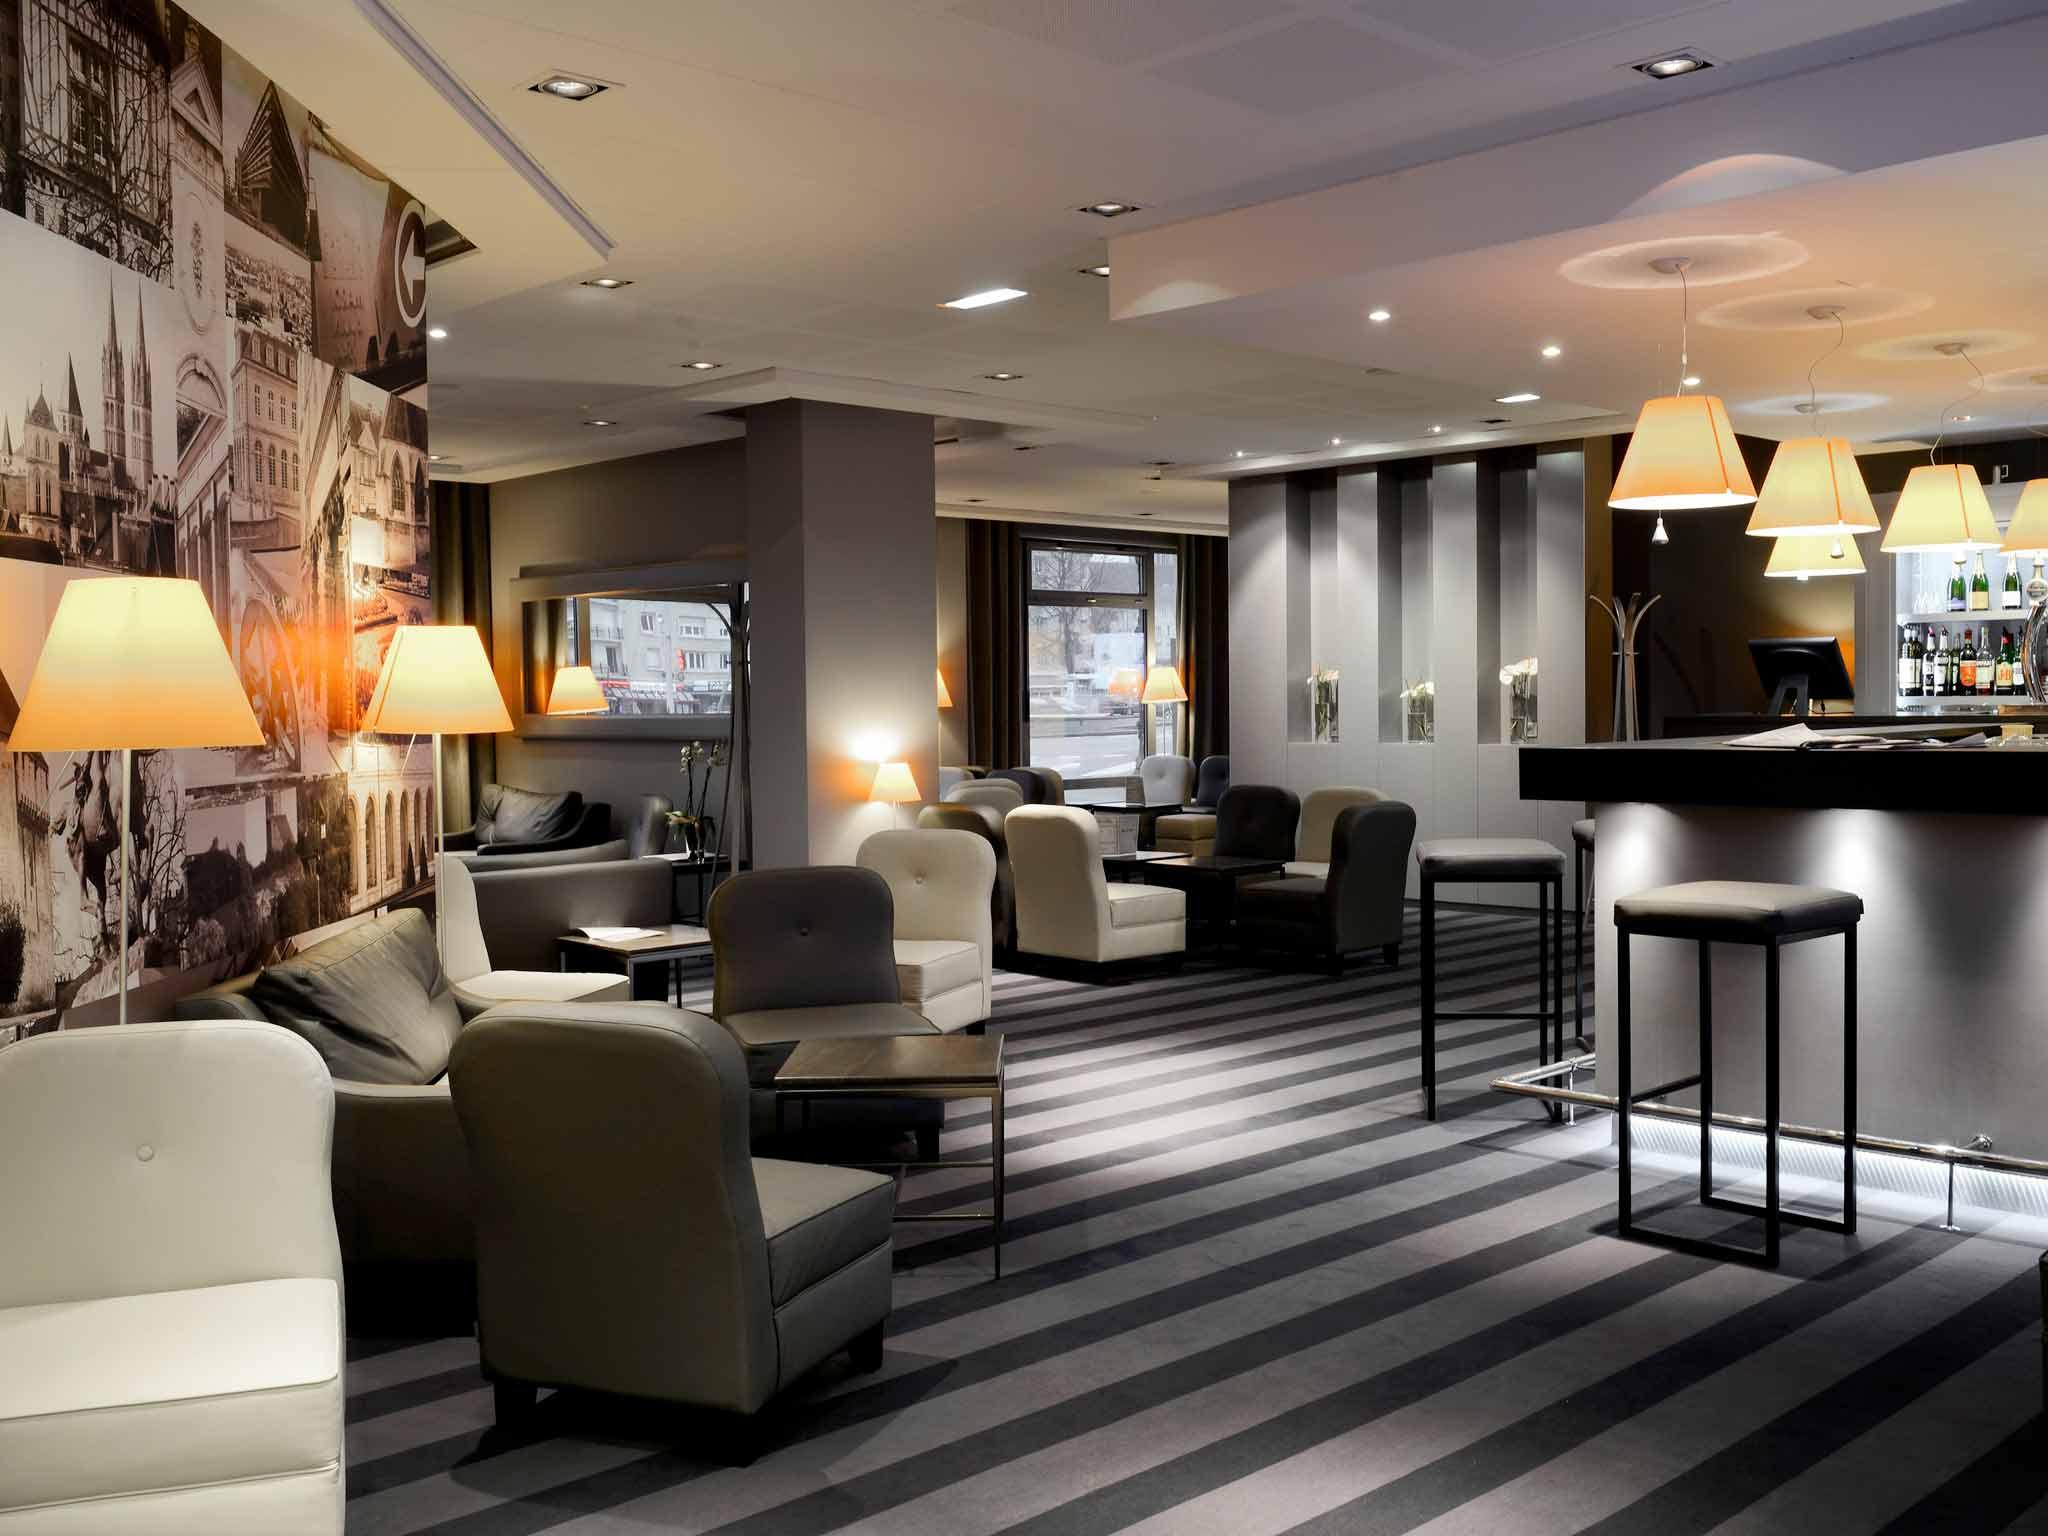 ... Hotel   Mercure Caen Centre Port De Plaisance Hotel ...